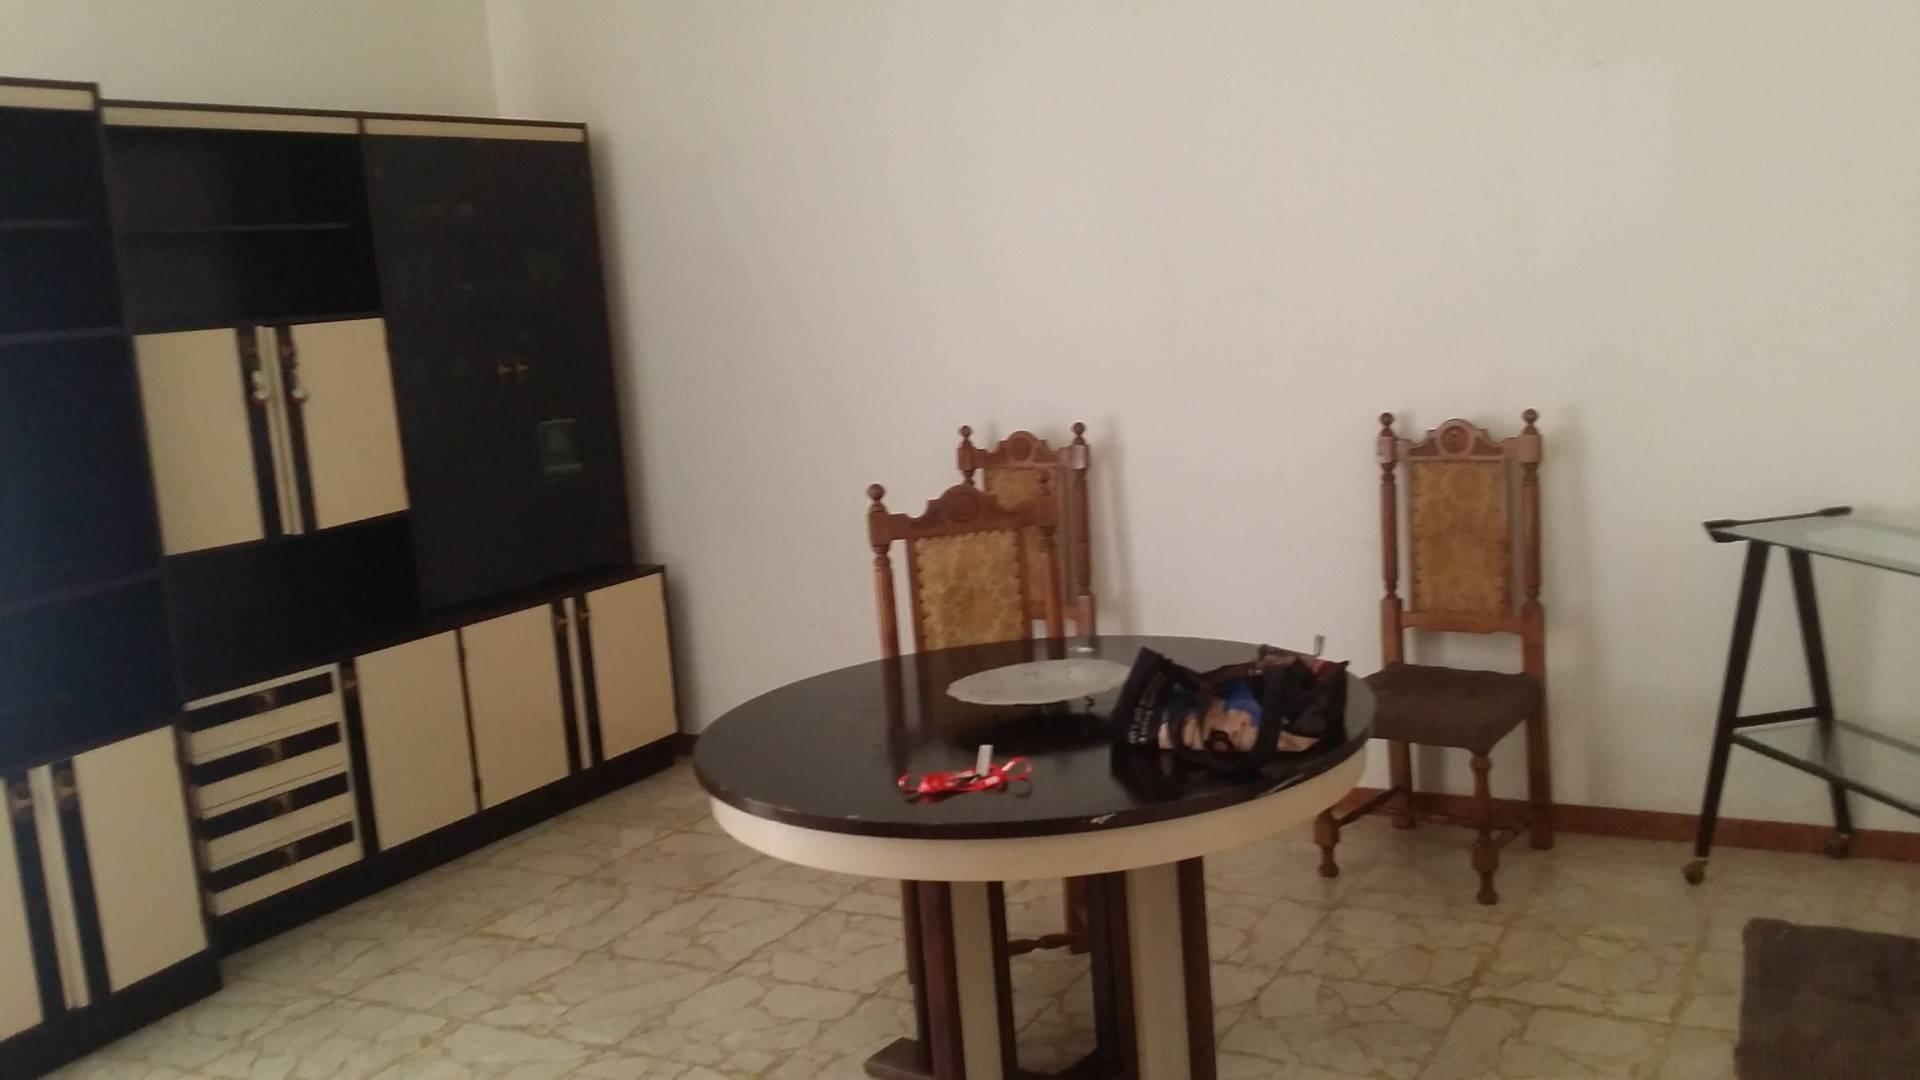 Appartamento in vendita a Ascoli Piceno, 5 locali, zona Località: CampoParignano, prezzo € 100.000 | Cambio Casa.it